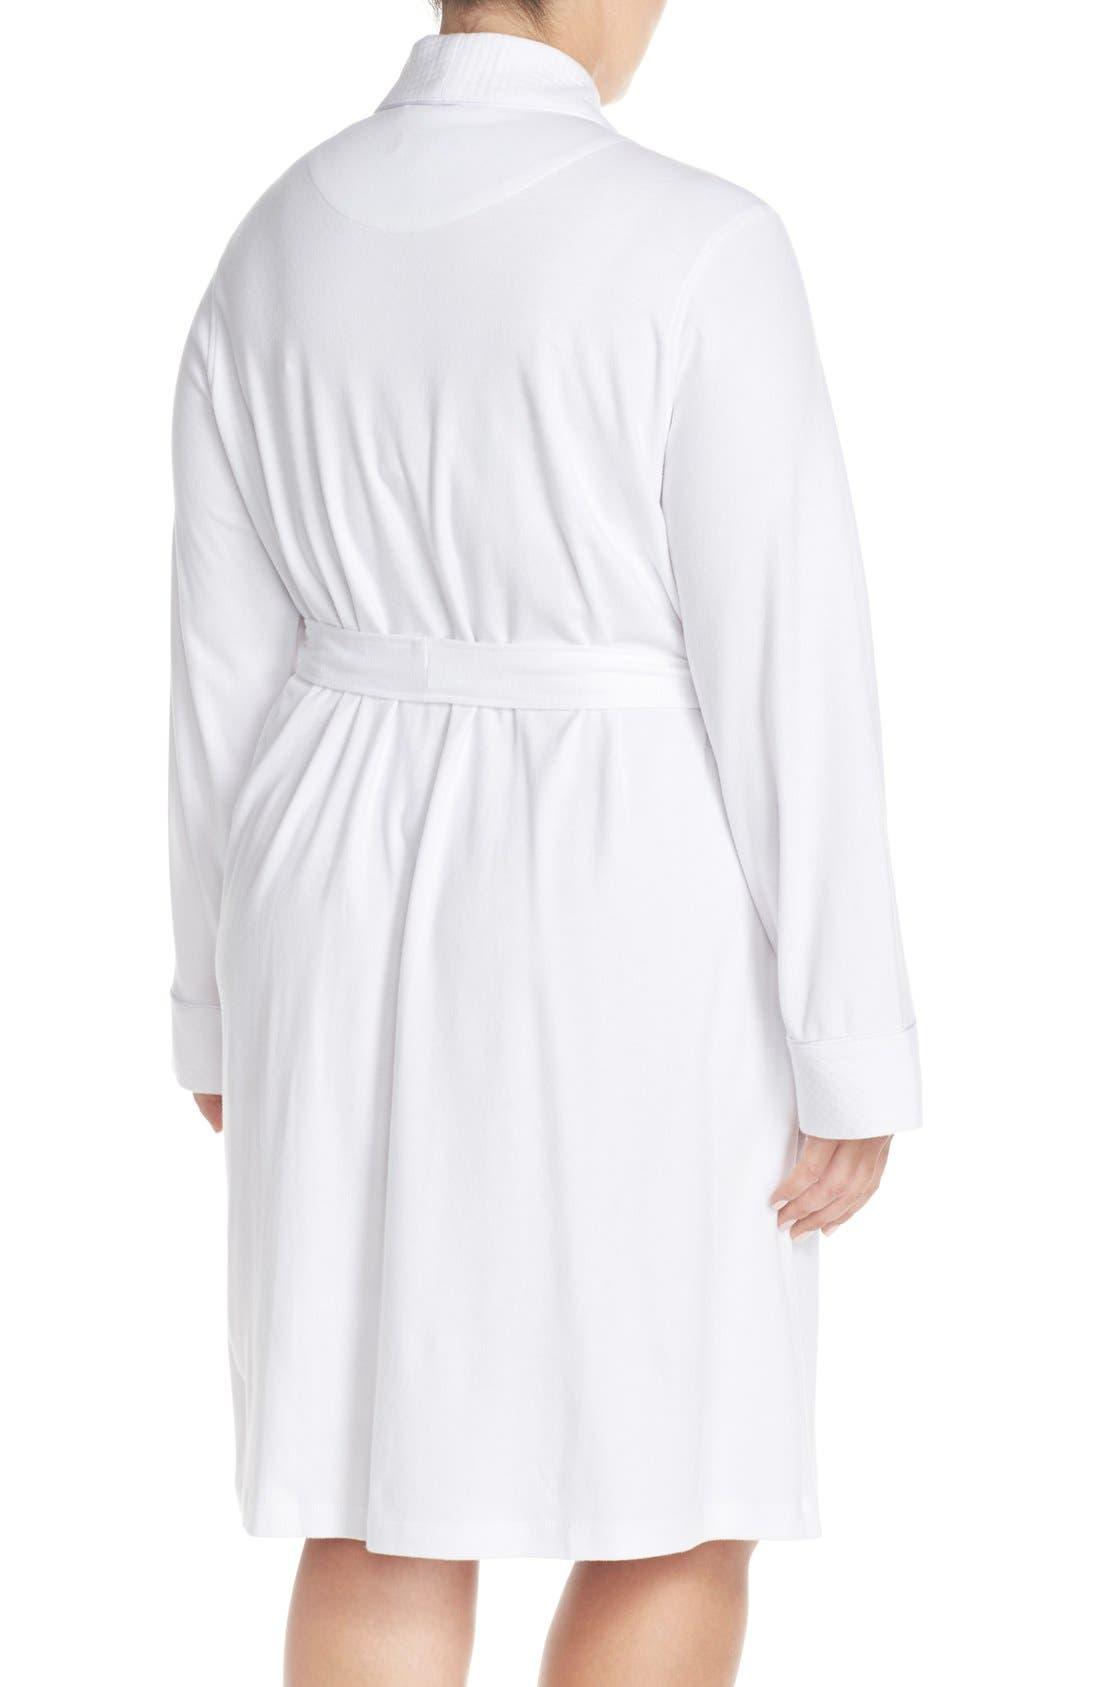 LAUREN RALPH LAUREN, Shawl Collar Robe, Alternate thumbnail 3, color, WHITE